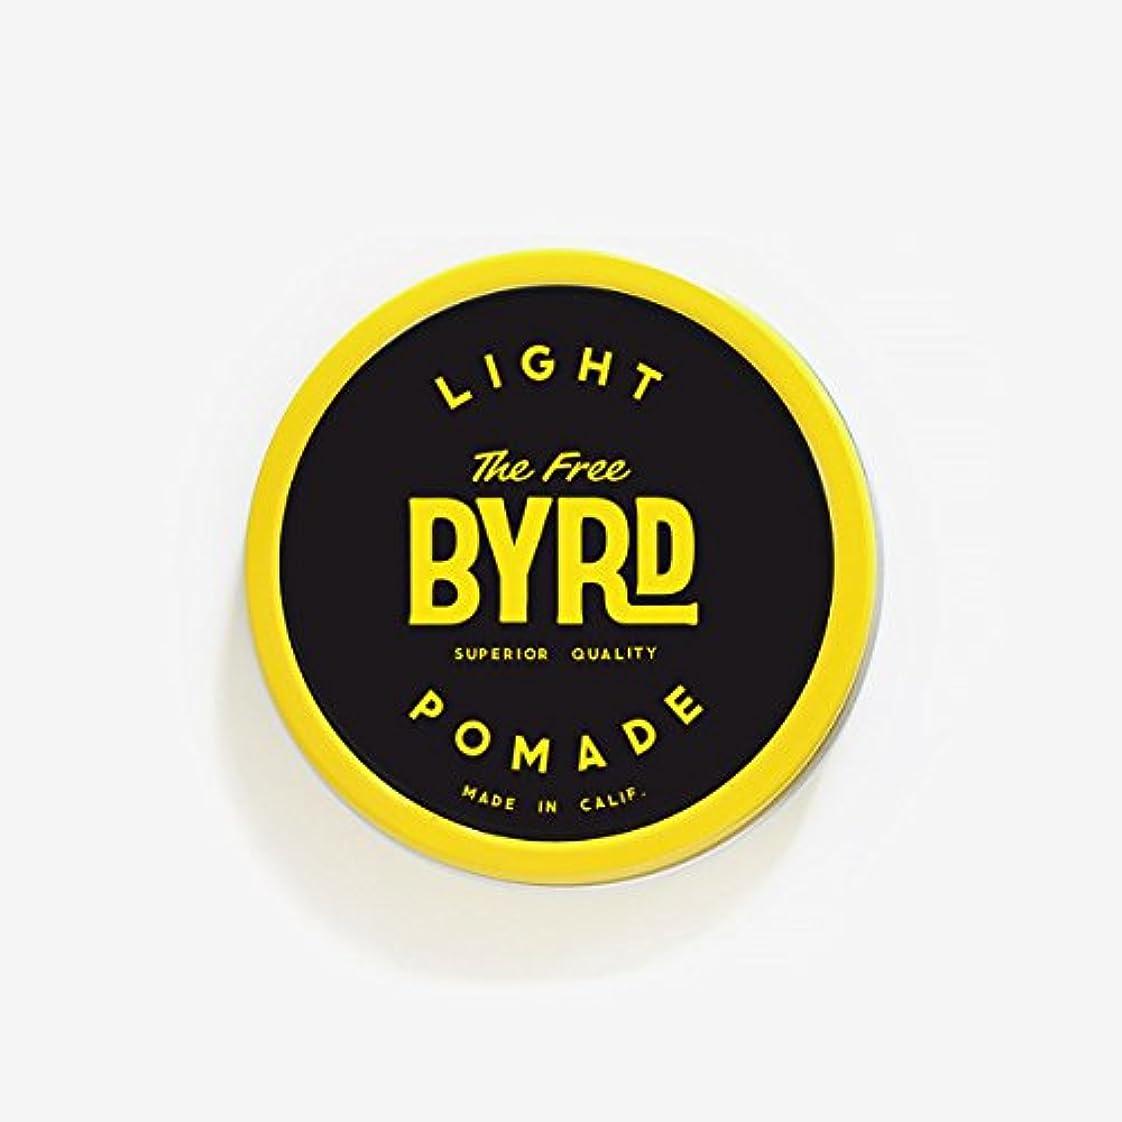 眉をひそめる租界アロングバード(BYRD) カリフォルニア発ポマード288 LIGHT POMADE SMALL(スモールサイズ)ライトスタイルヘアワックスヘアスタイリング剤耐水性香料メンズ/レディース 【LIGHT】SMALL